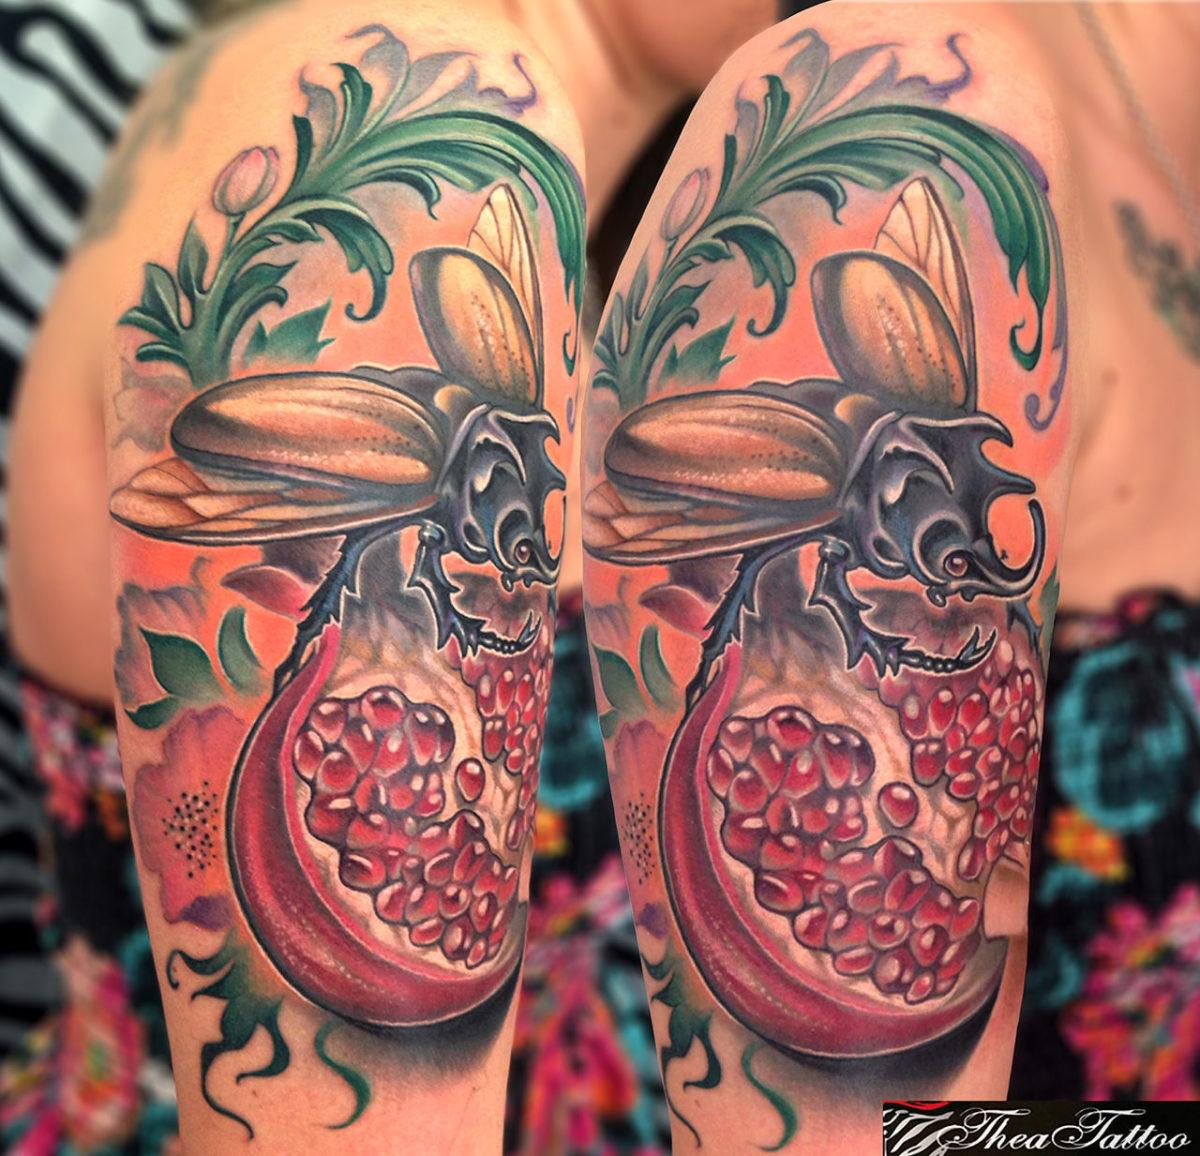 62 Ideas de Tatuajes de Escarabajos (+Significados) 19